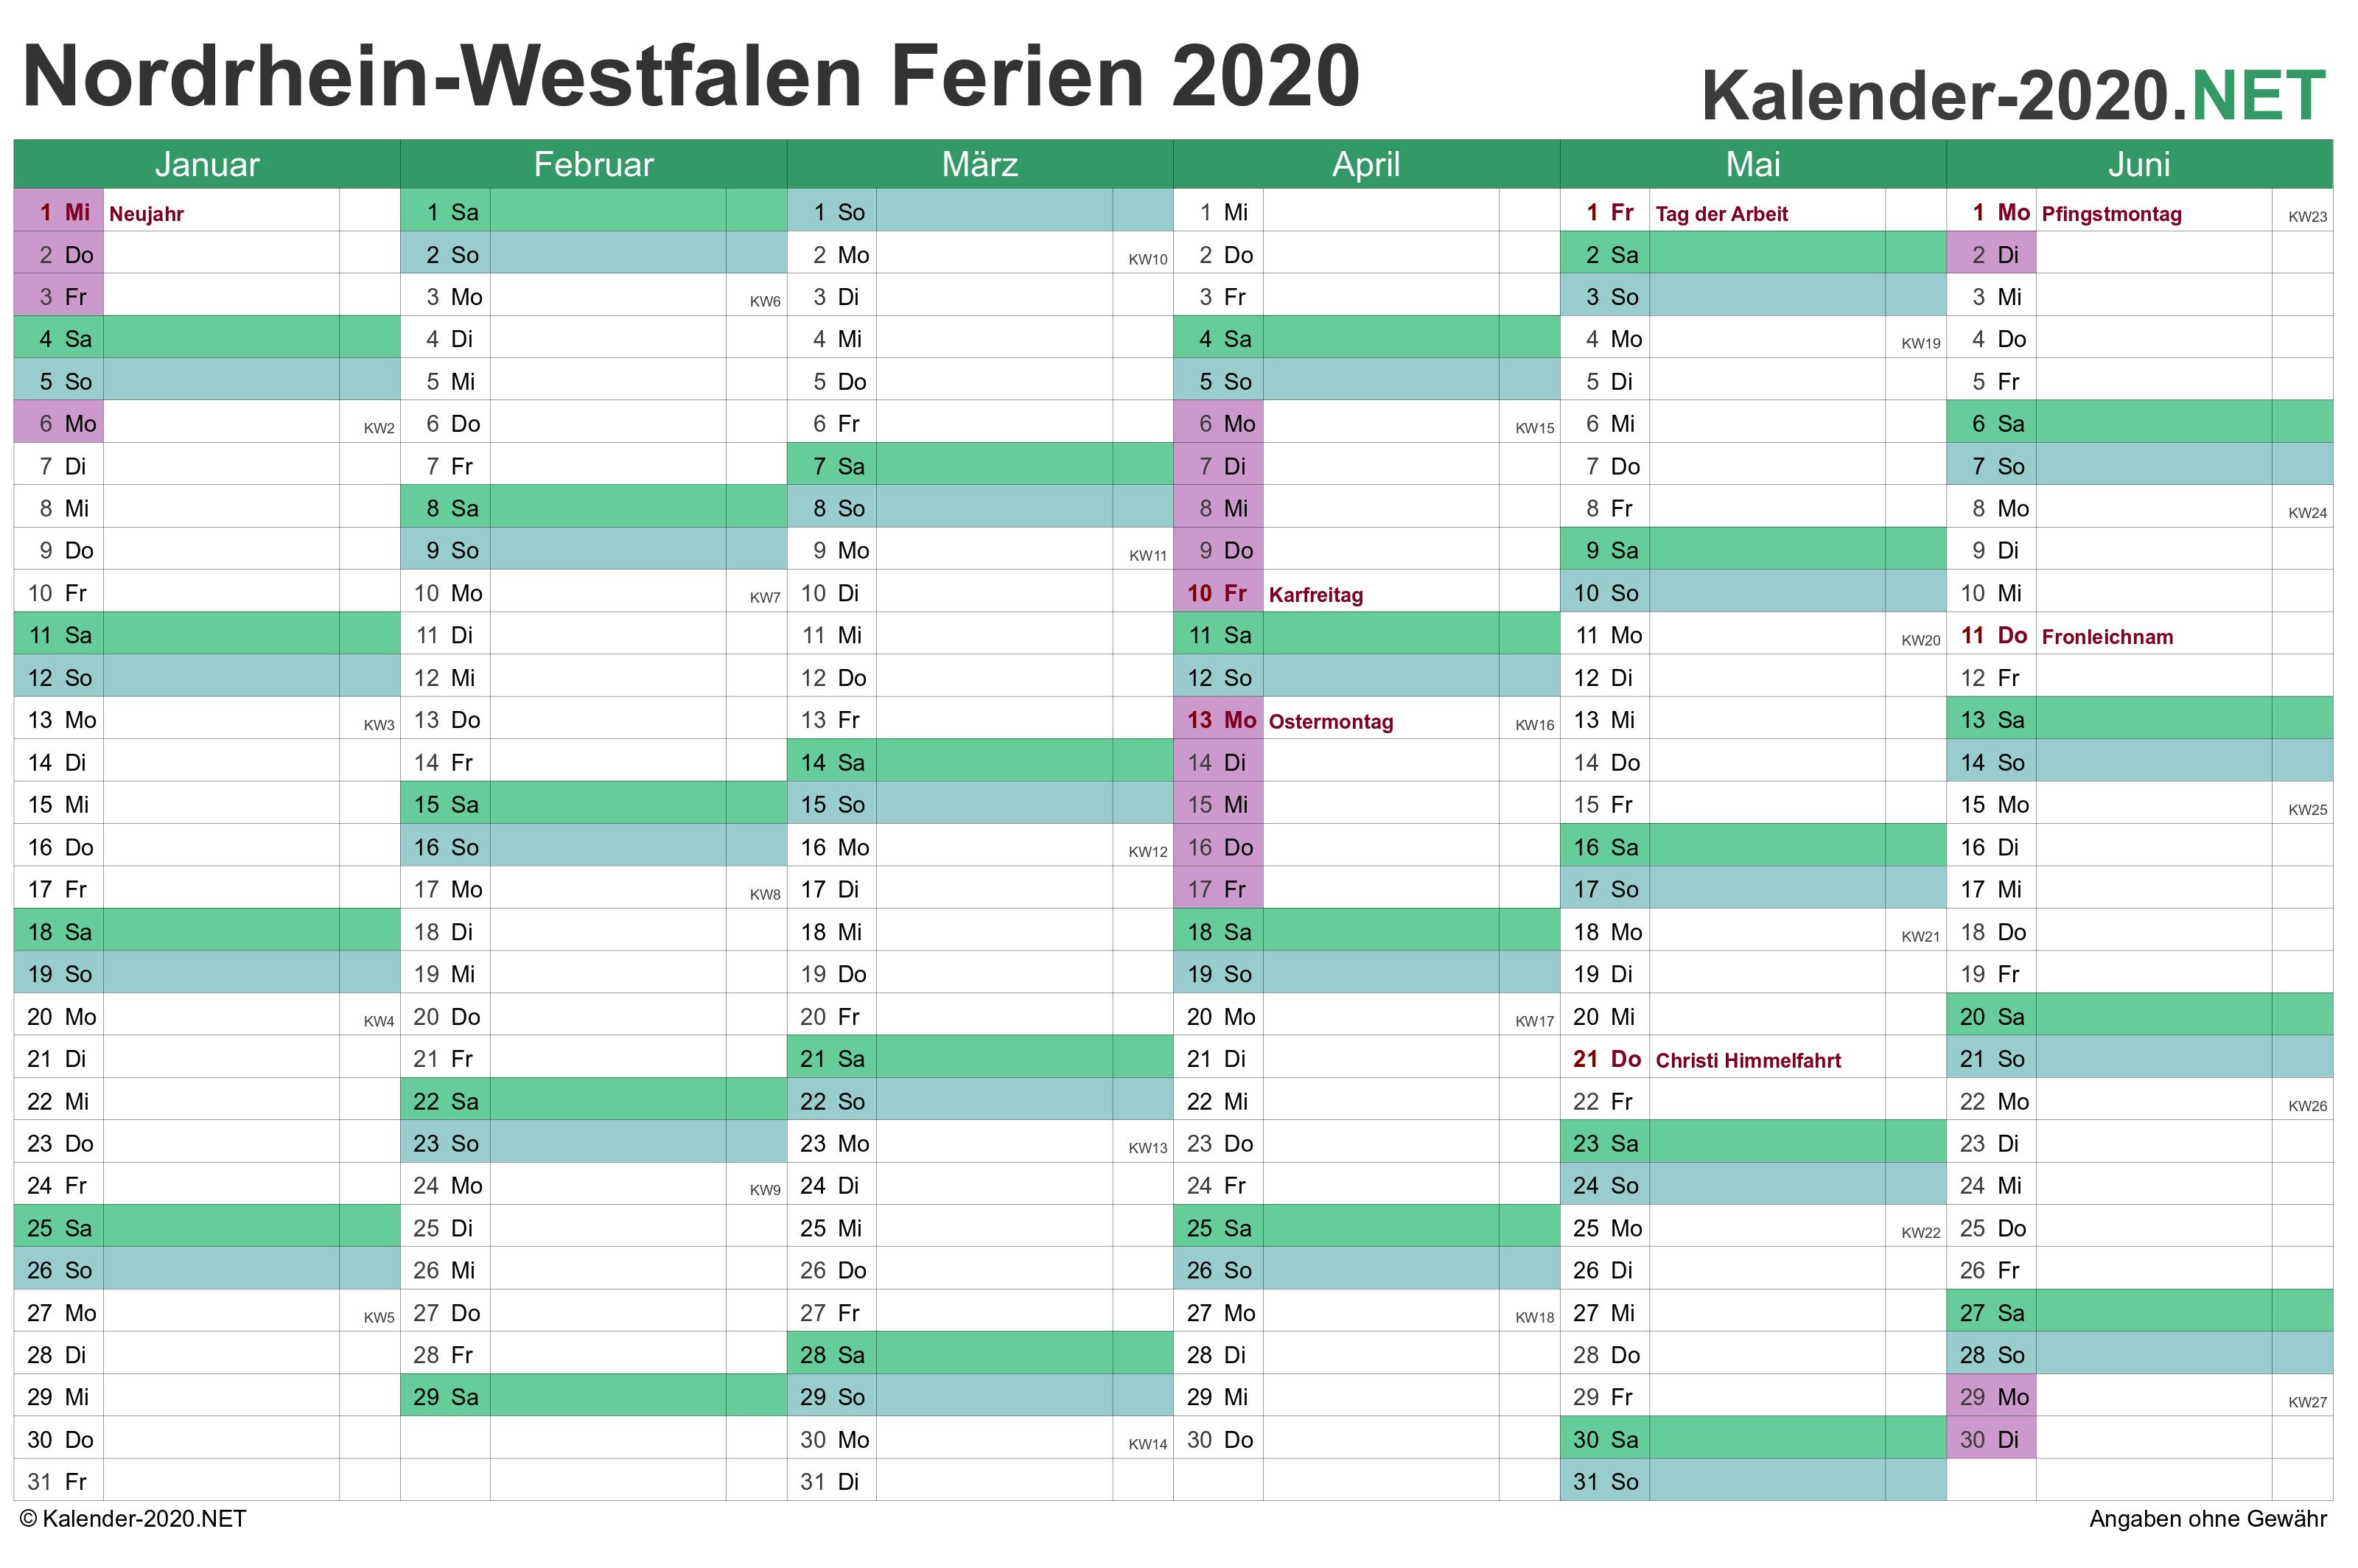 Ferien Nordrhein Westfalen 2020 Ferienkalender Ubersicht